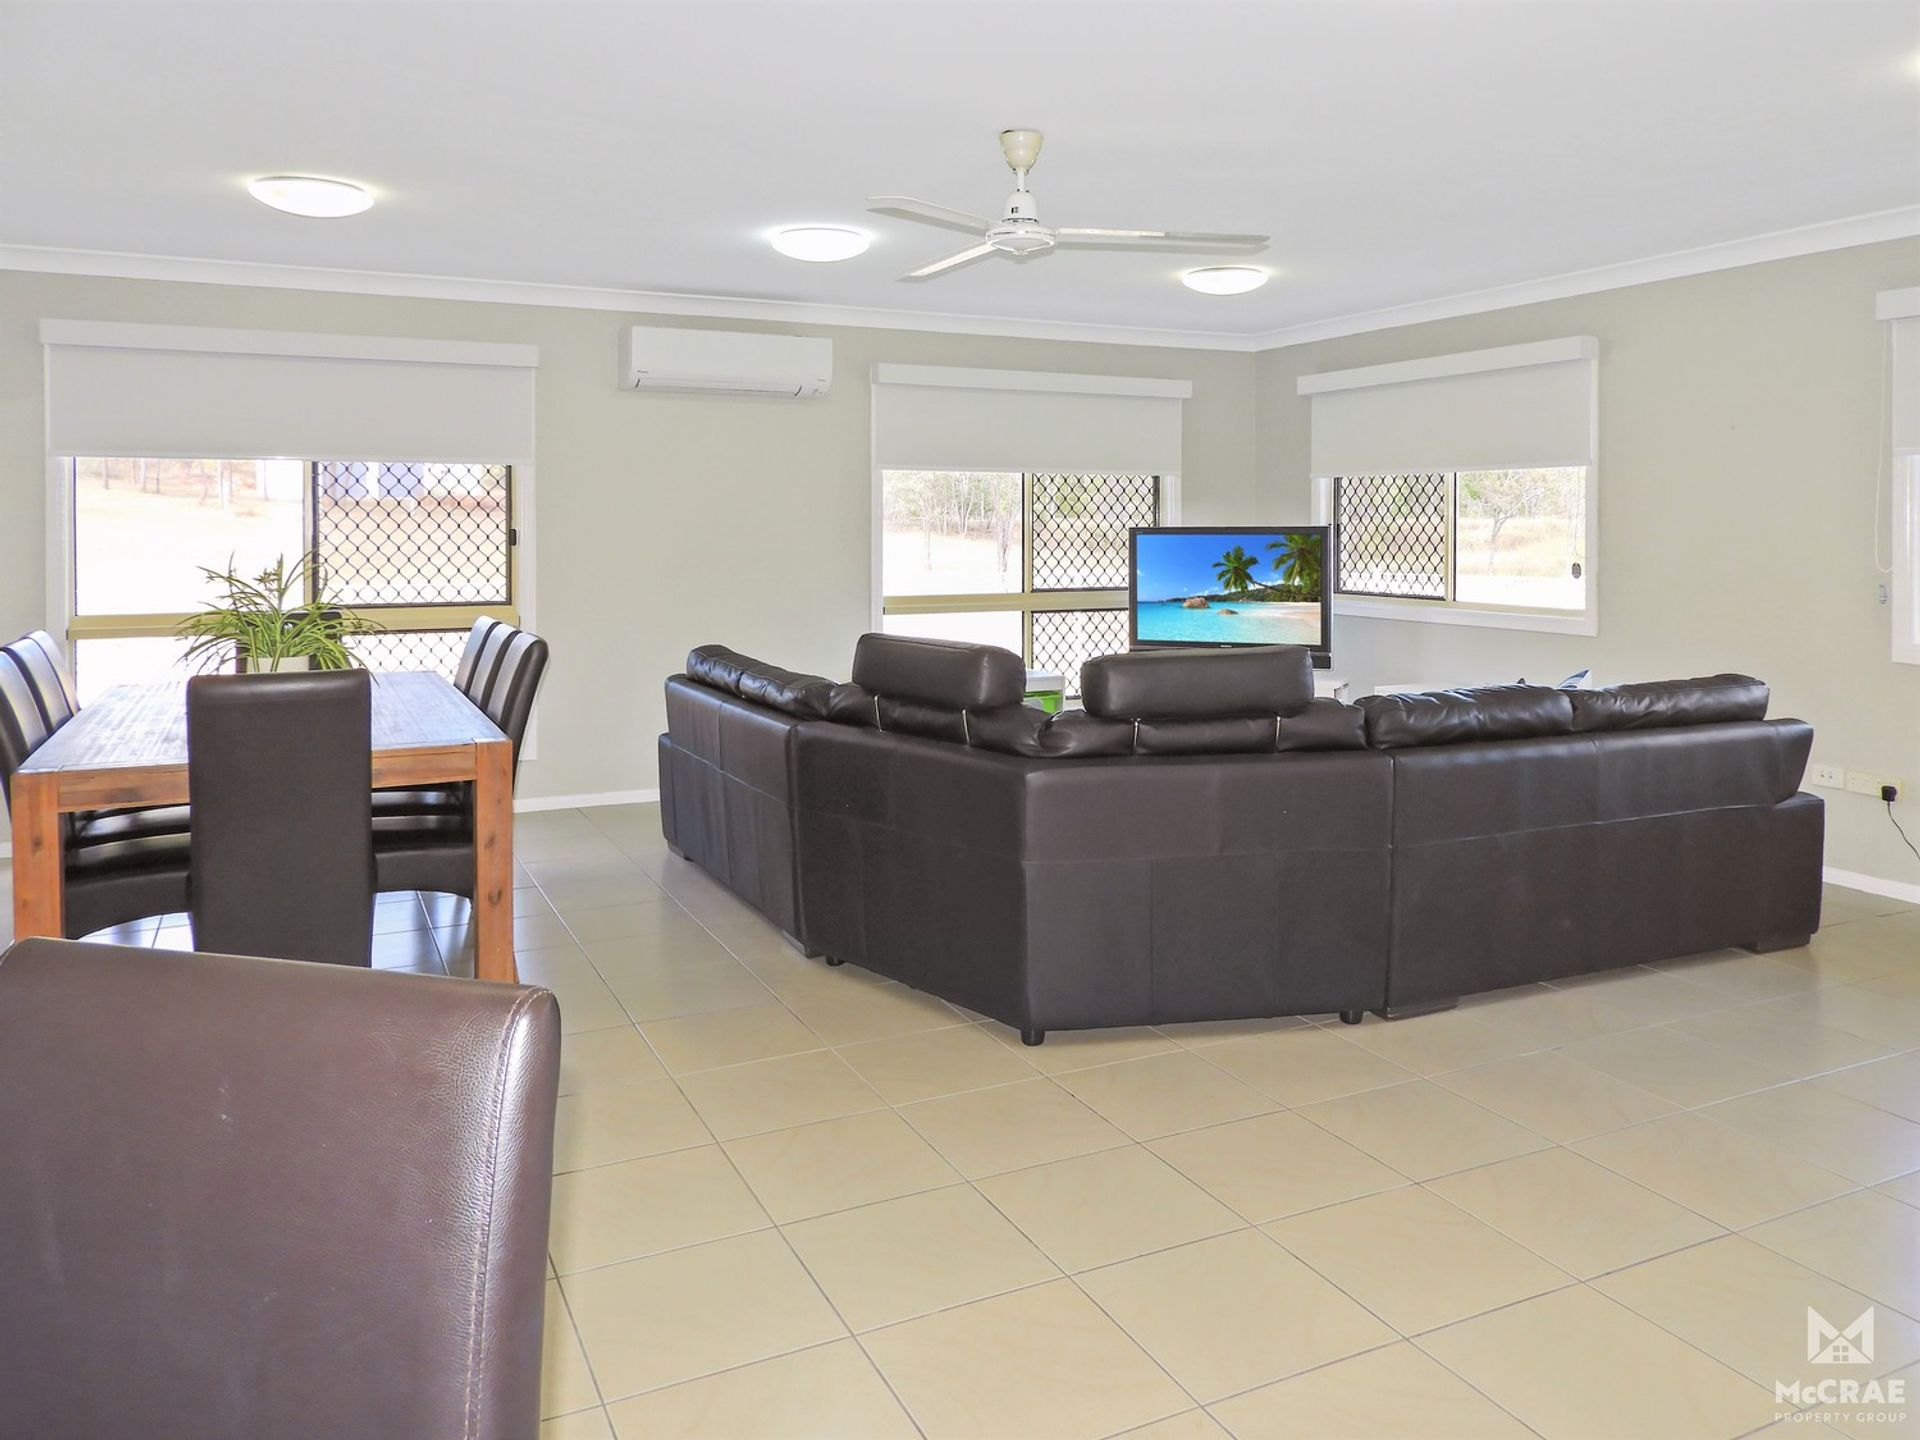 21 Brampton Drive, Bowen, QLD  4805